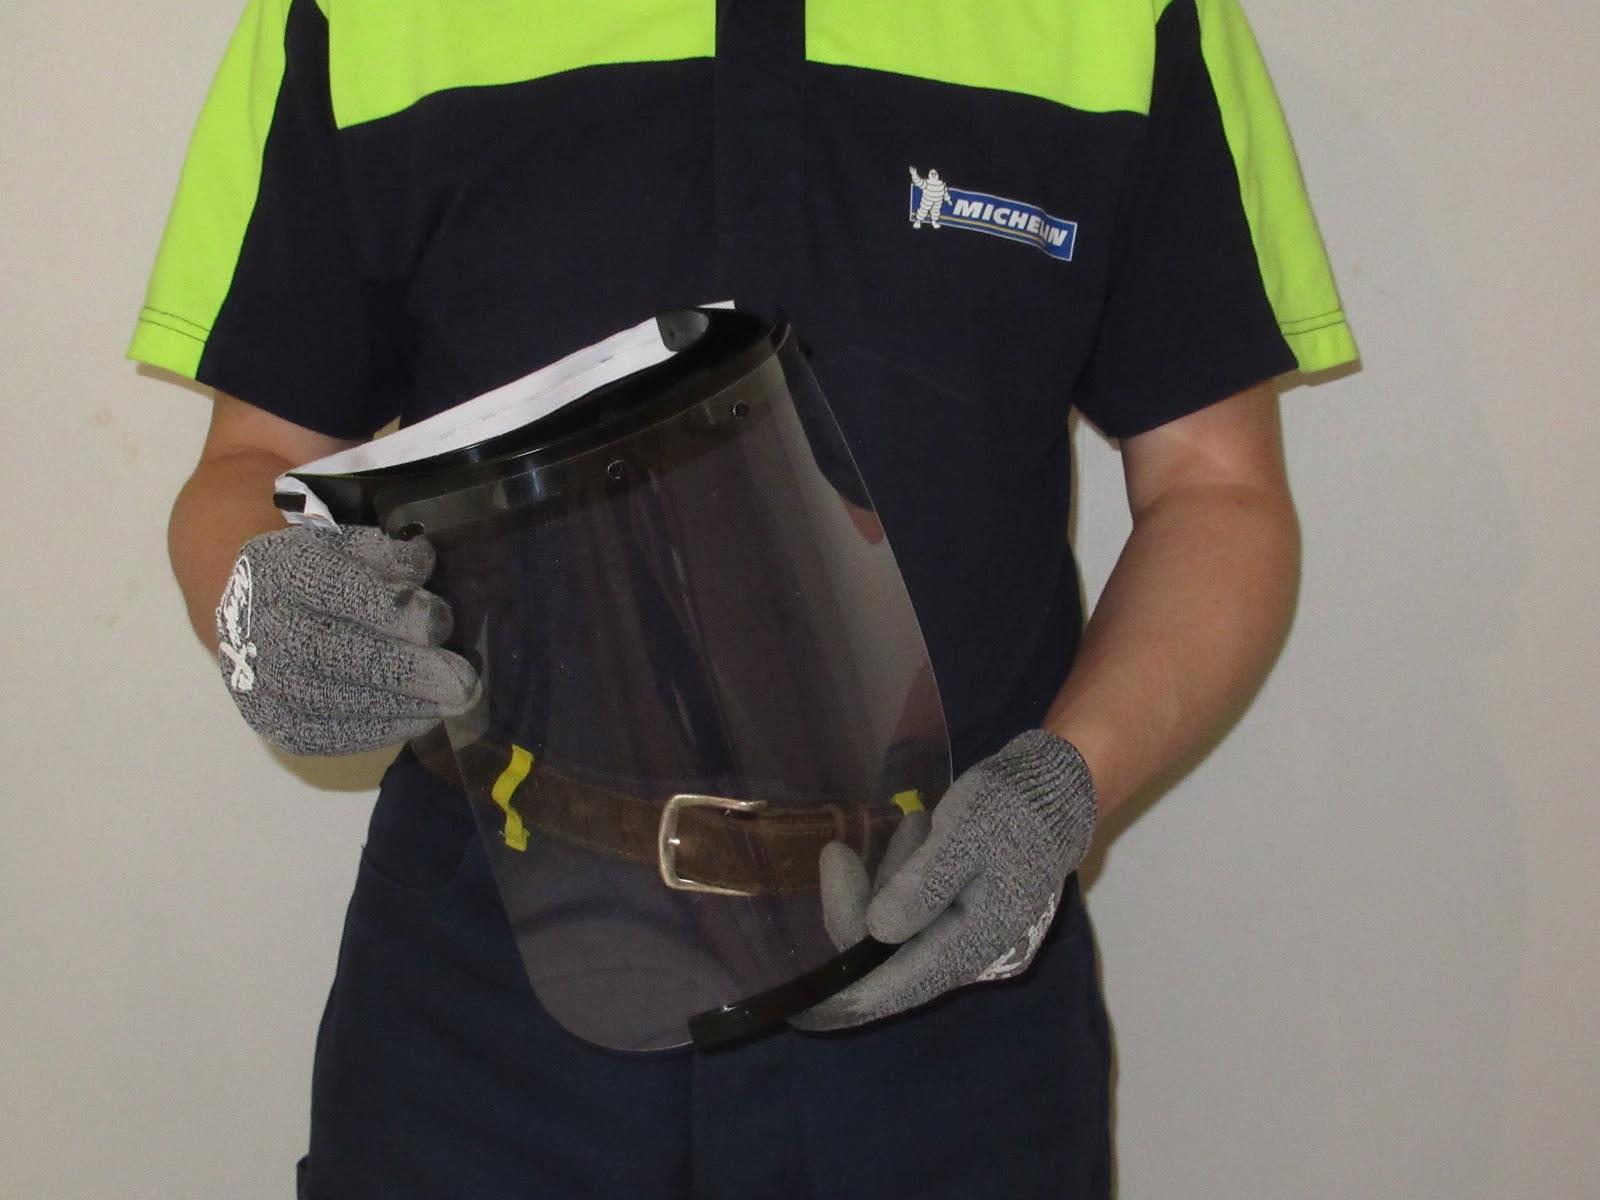 Protolabs accompagne Michelin dans la création d'un bouclier facial stérilisable  pour le personnel soignant.